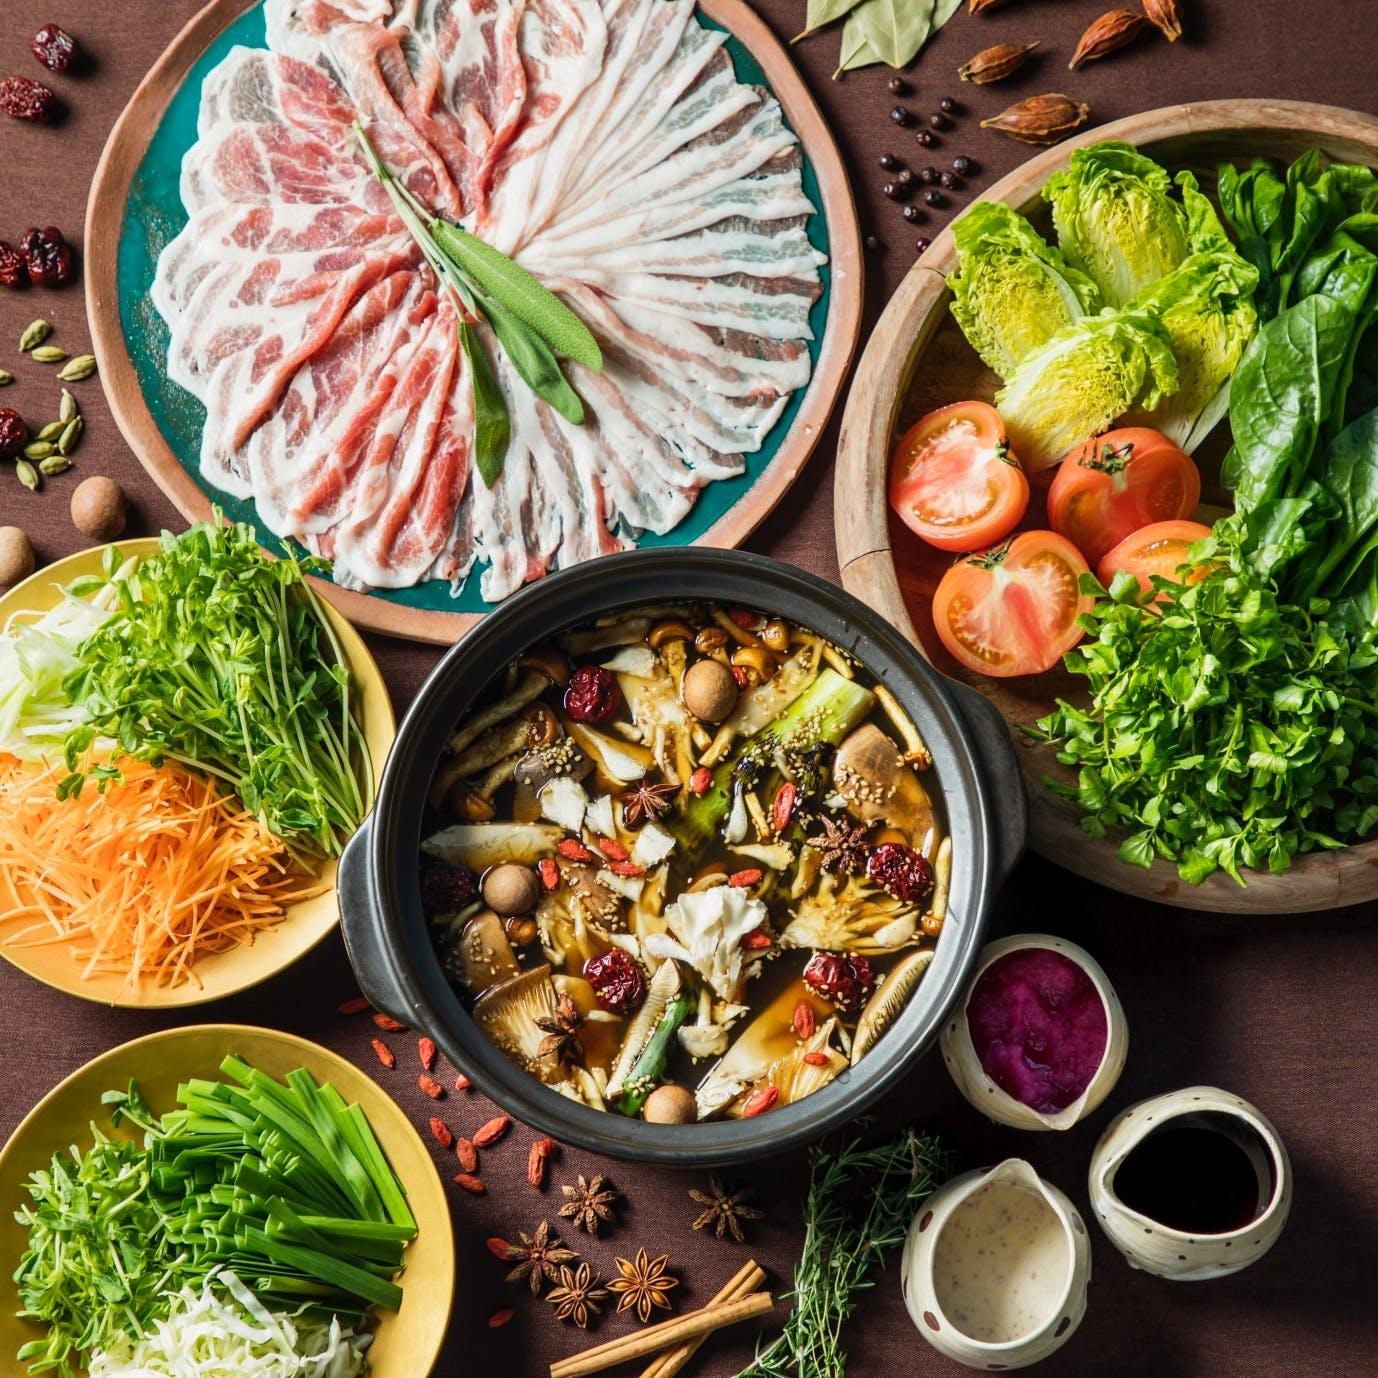 薬膳ブイヨン×漢方豚×野菜の「食労寿鍋(くろすなべ)」